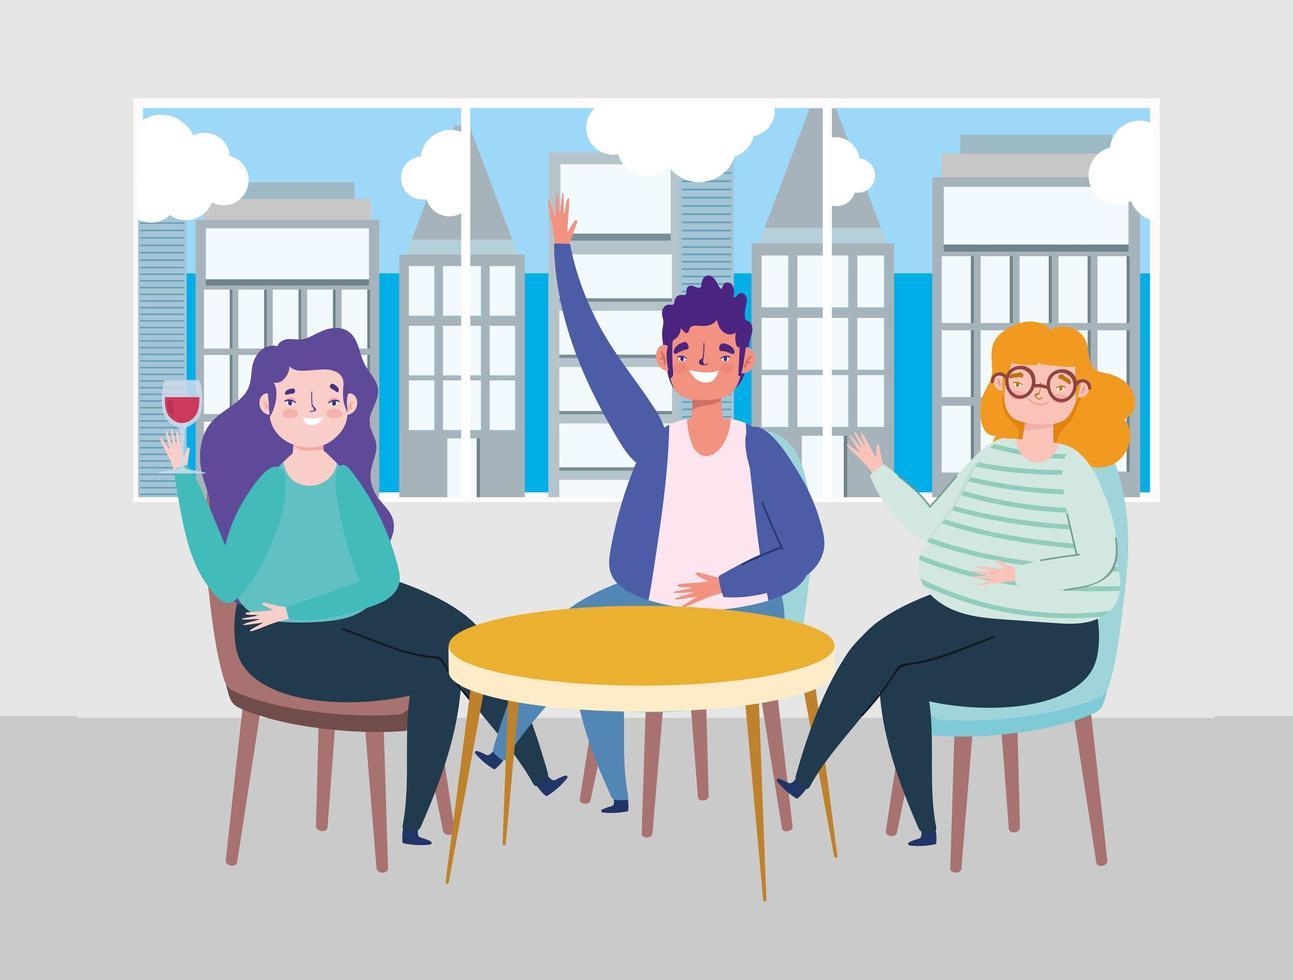 ristorante di allontanamento sociale o un bar, persone felici che tengono le distanze a tavola, covid 19 coronavirus, nuova vita normale vettore